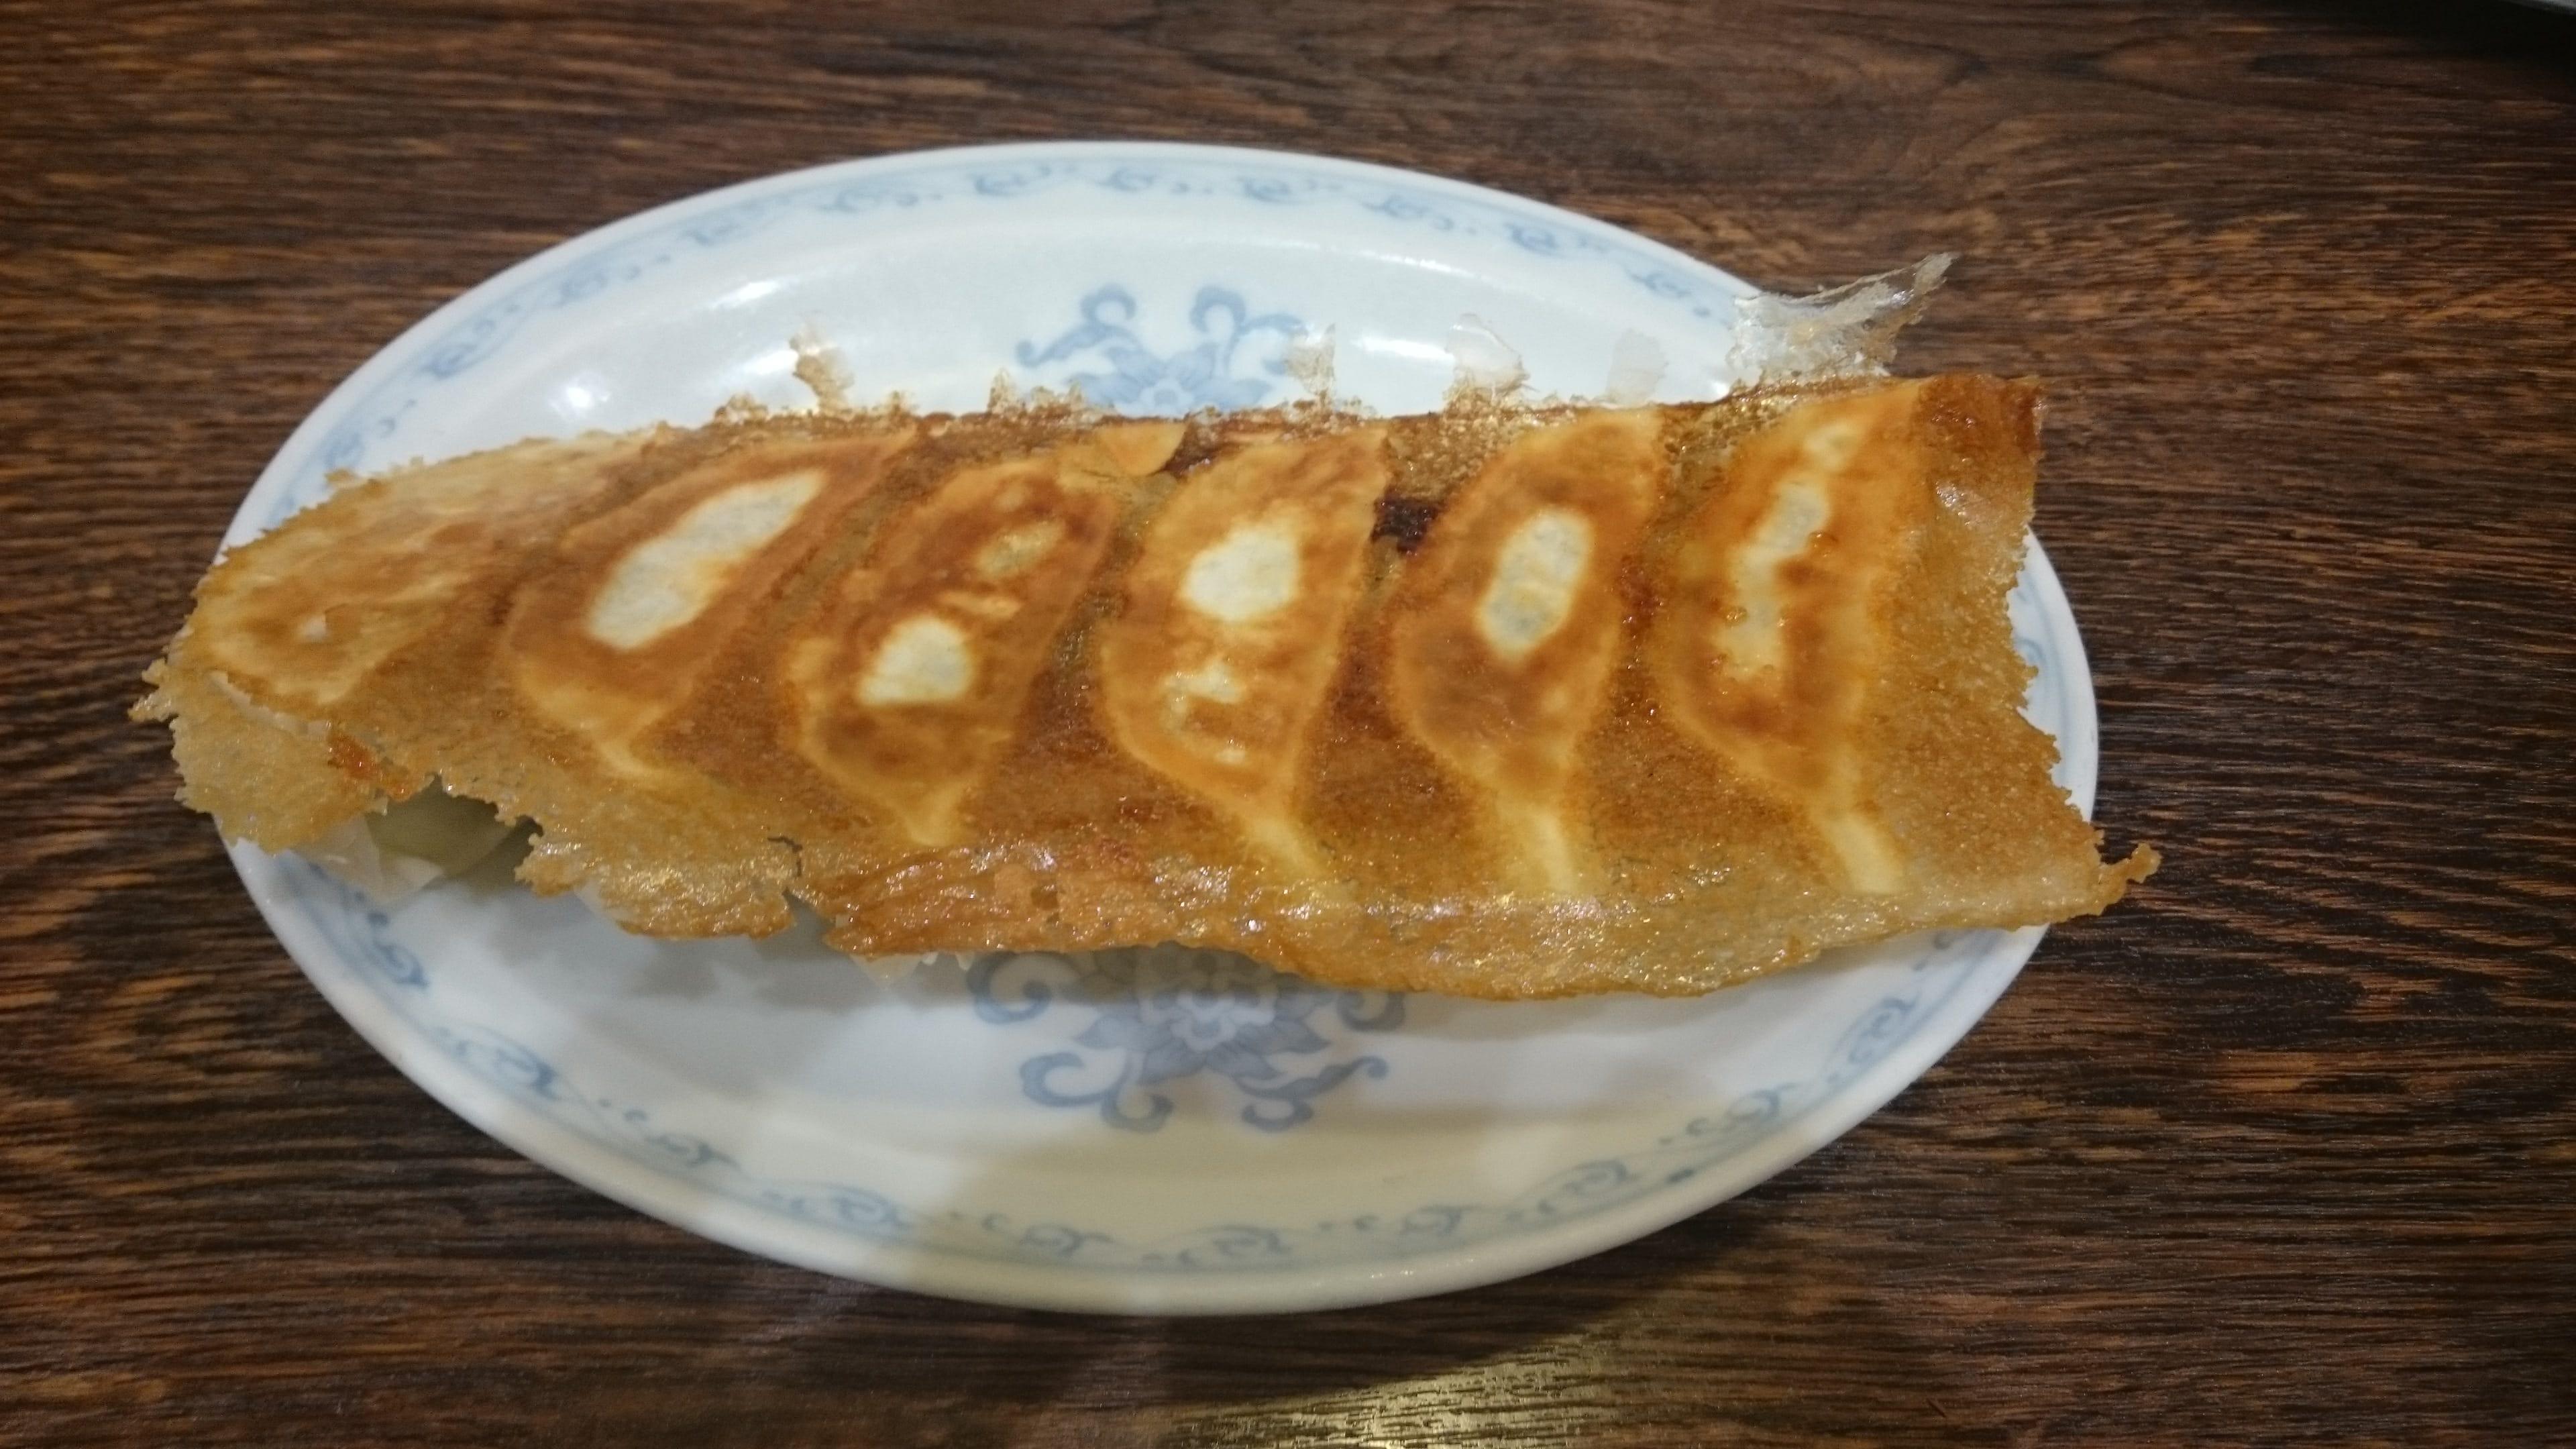 「お散歩☆ミ」04/16(04/16) 10:13 | ゆうきの写メ・風俗動画